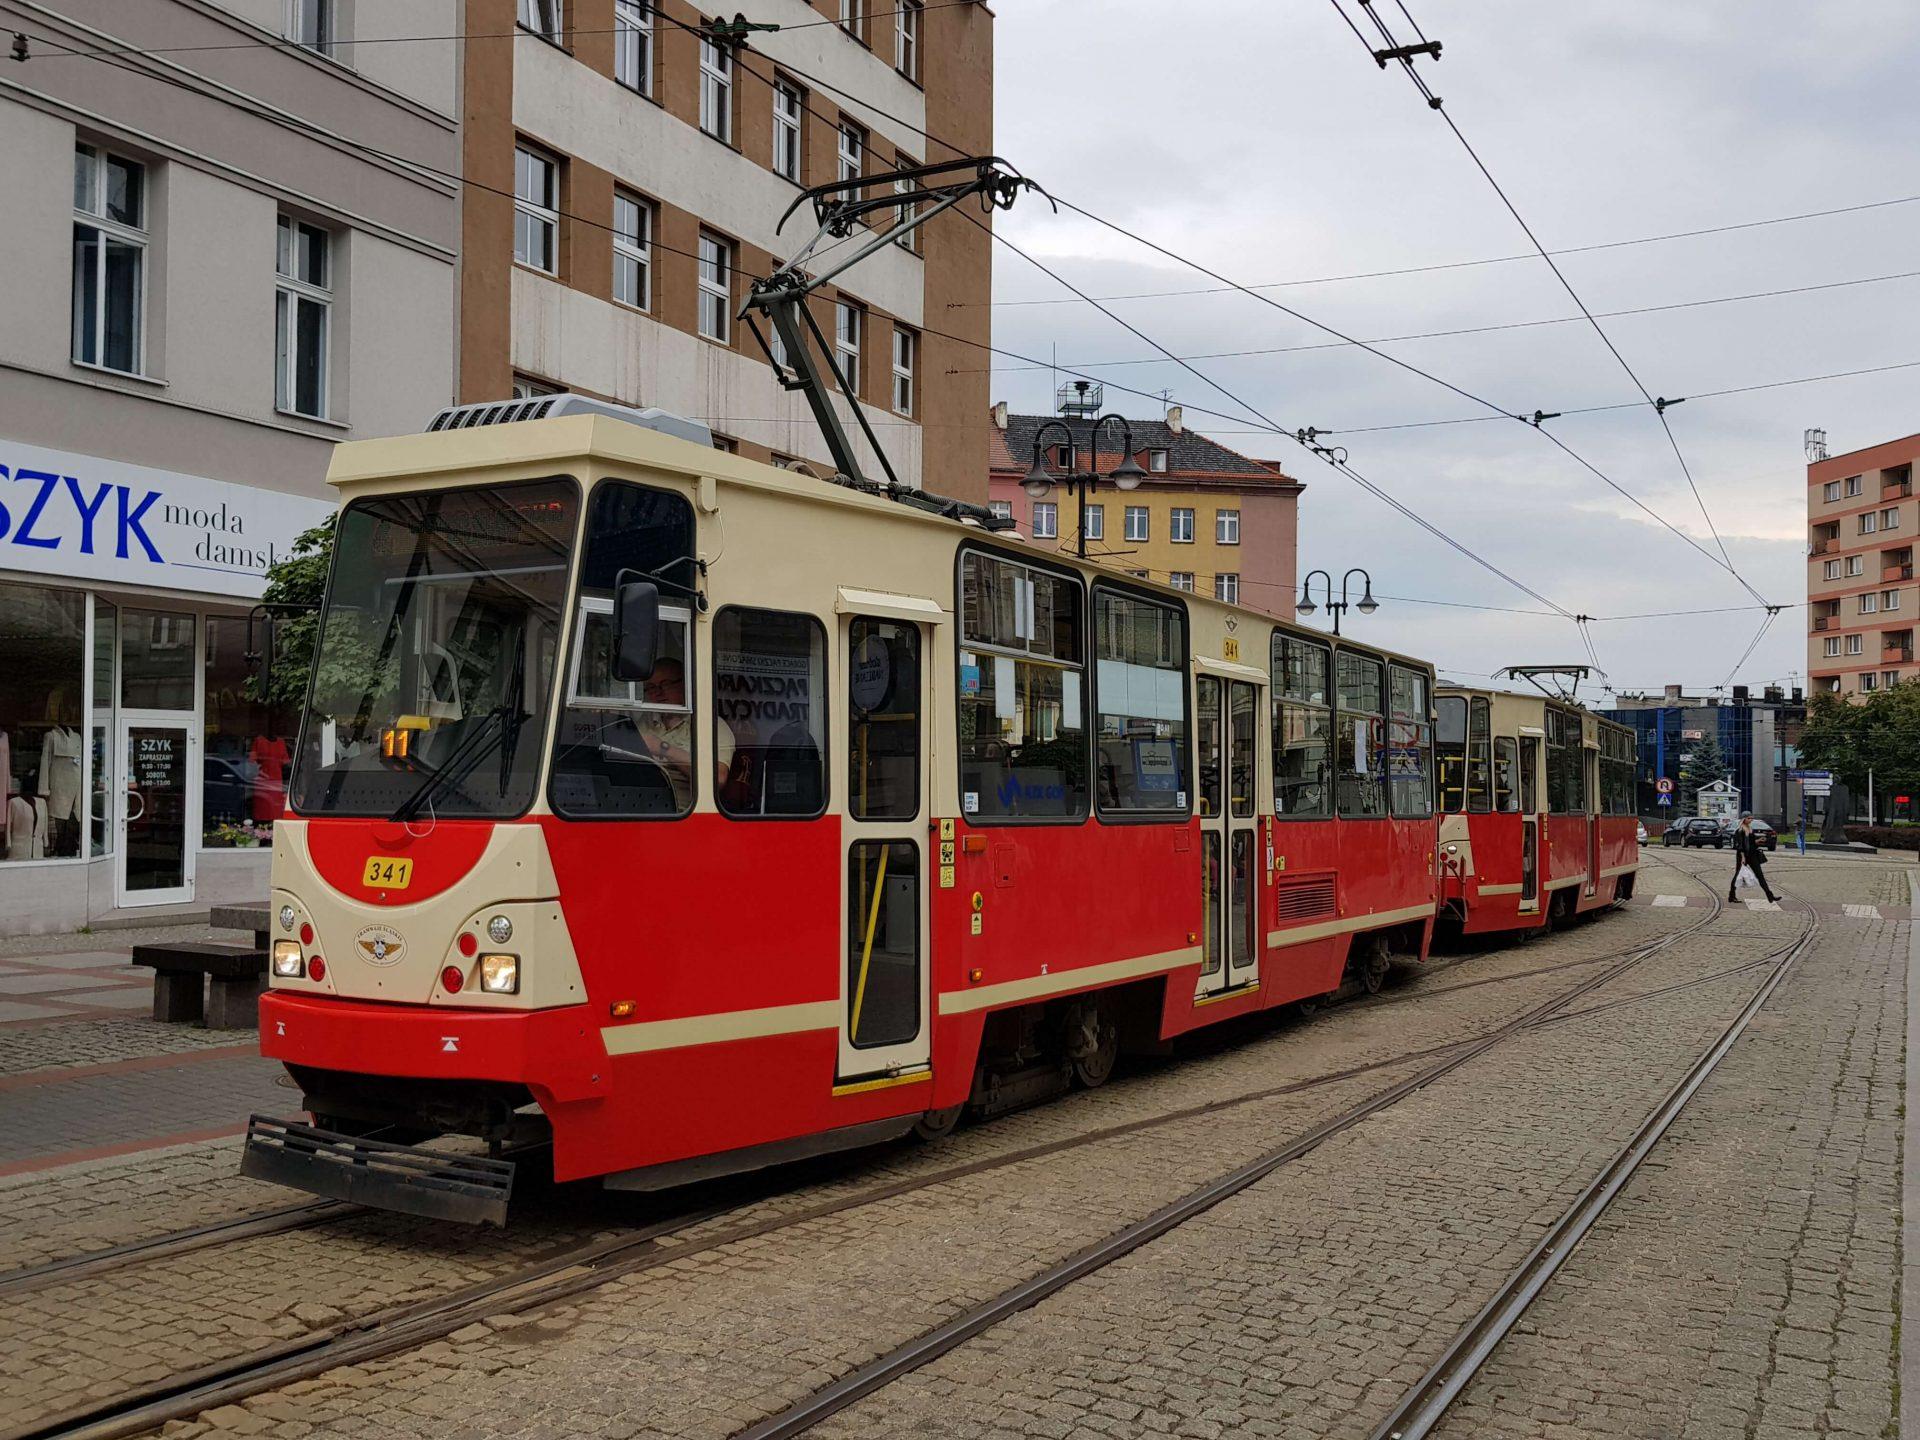 """Der Fahrzeugtyp mit der höchsten Anzahl ist der vierachsige """"Konstal 105Na""""; hiervon hat die Stadt 314 Stück. Diese fahren in den unterschiedlichsten Ausfertigungen und wurden zwischen 1973 und 1992 gebaut."""